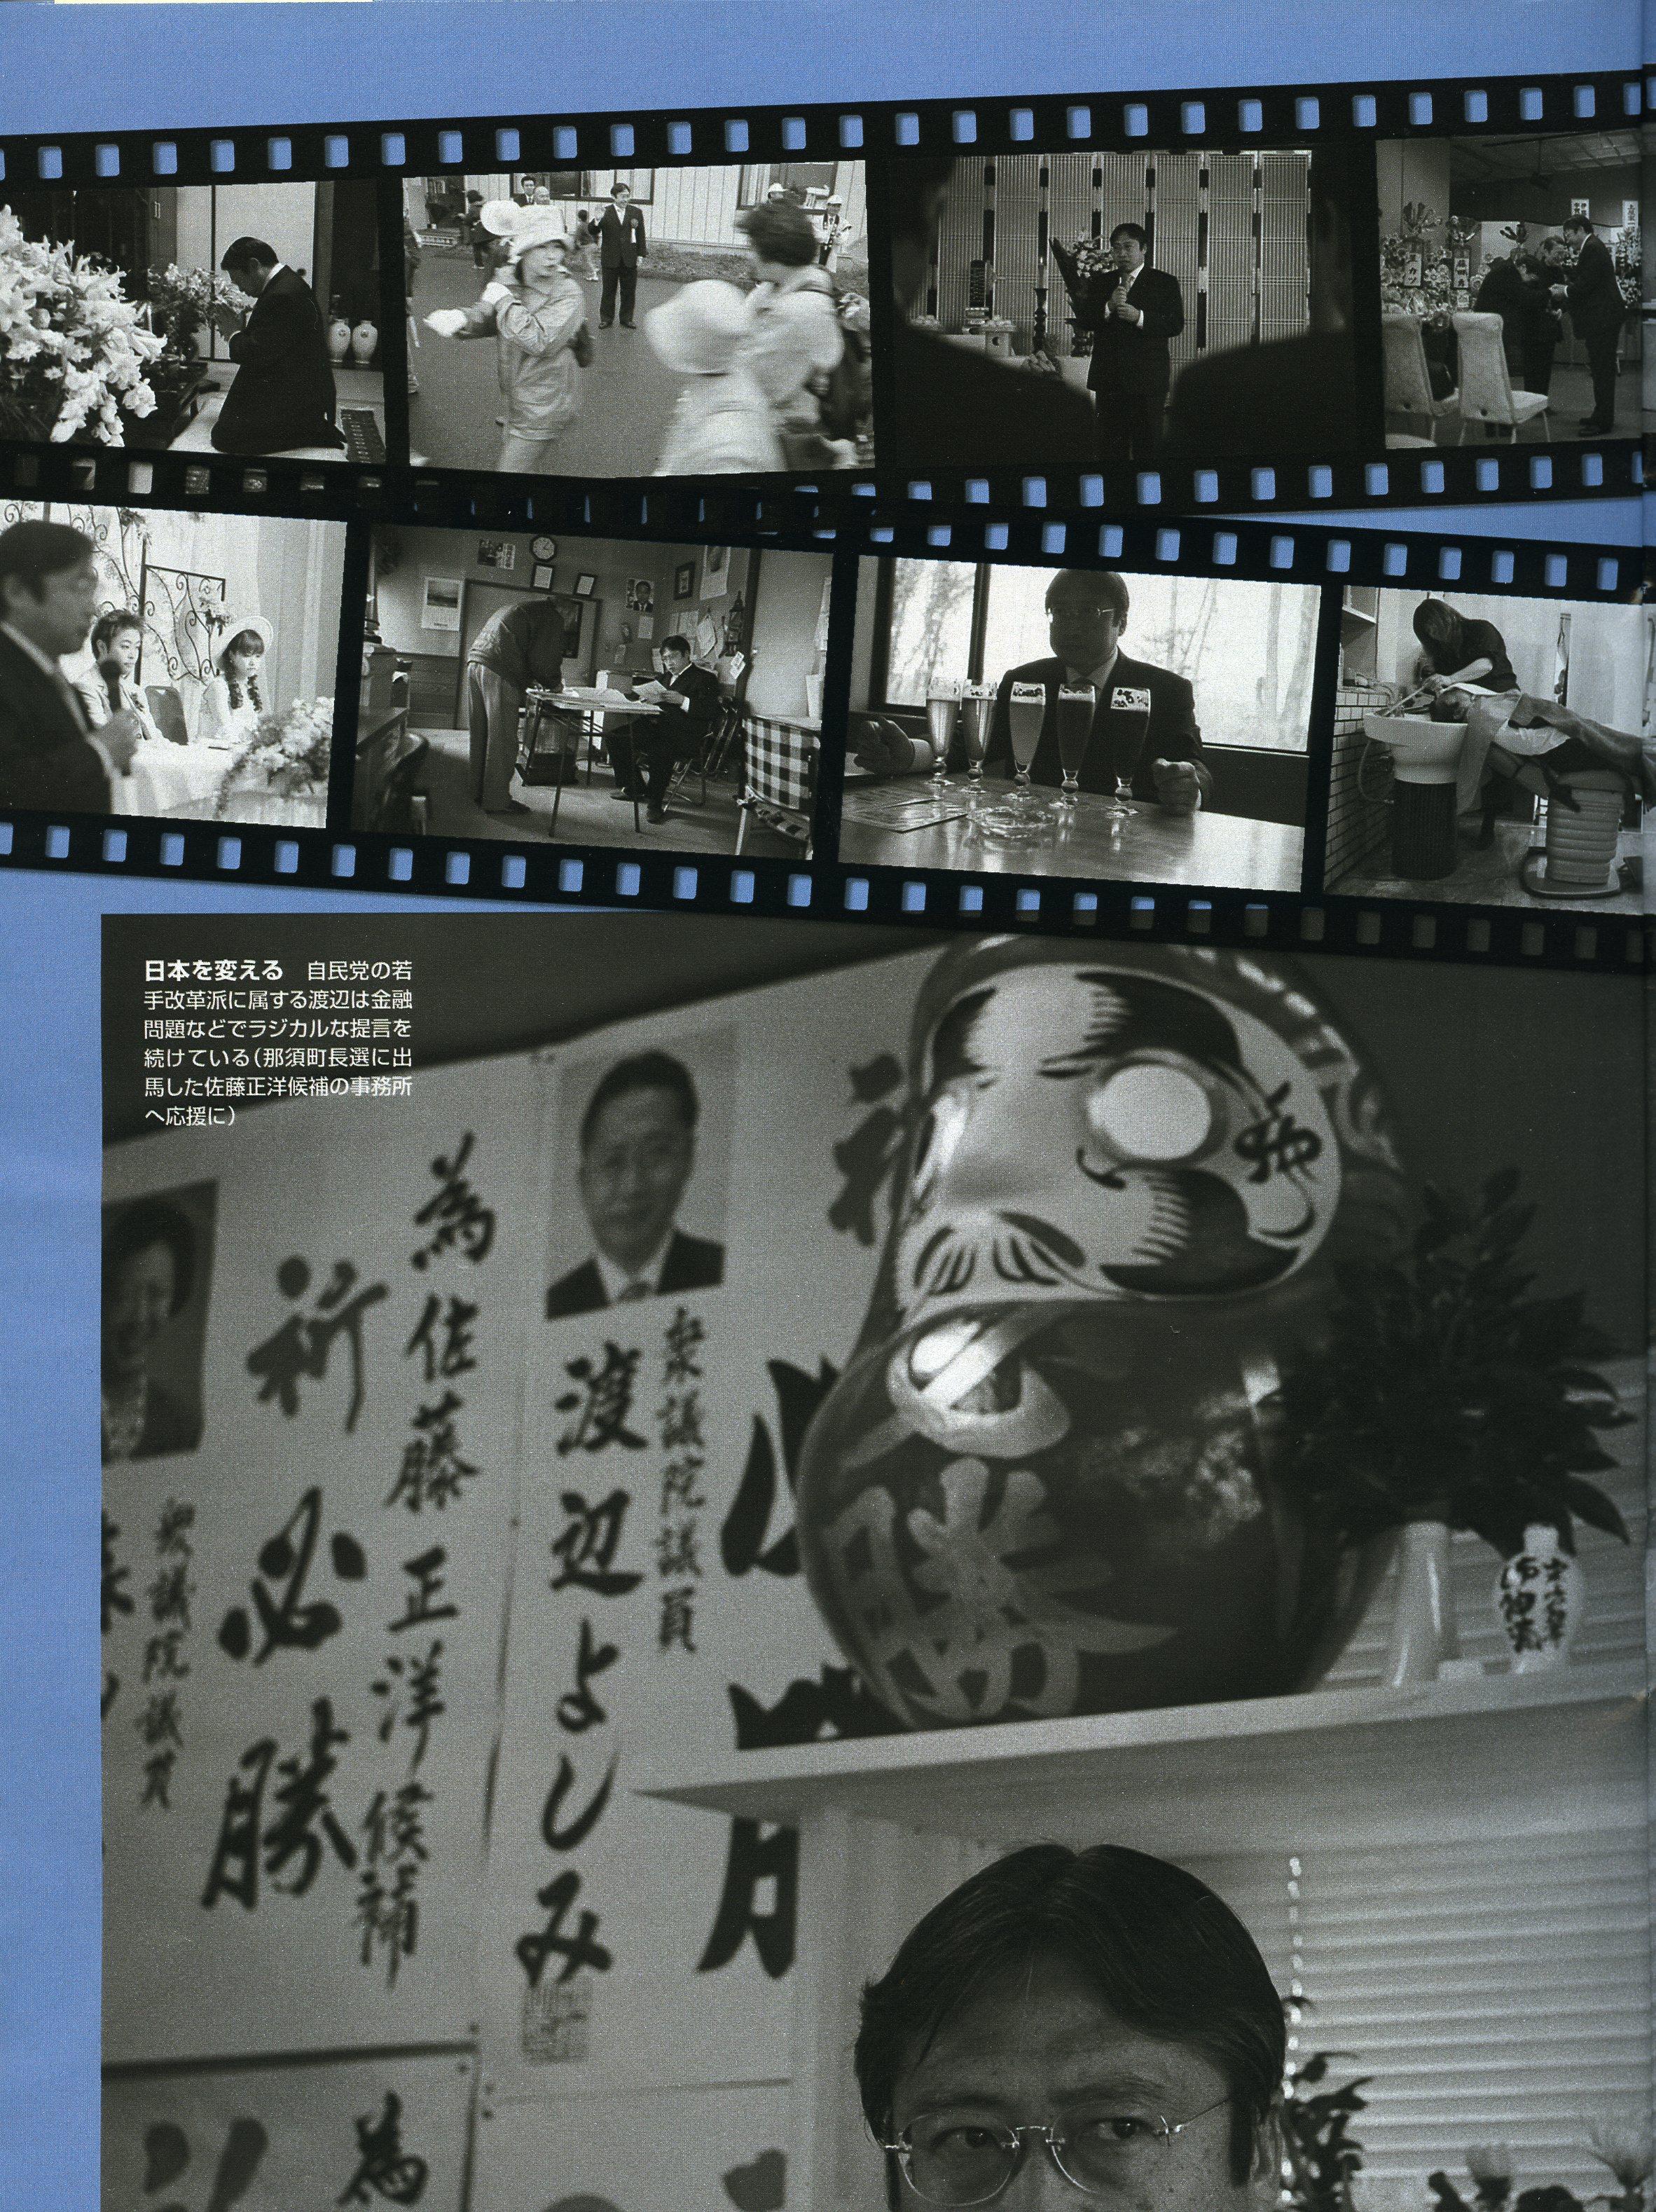 05292002_NEWSWEEK_JAPAN_8.jpg